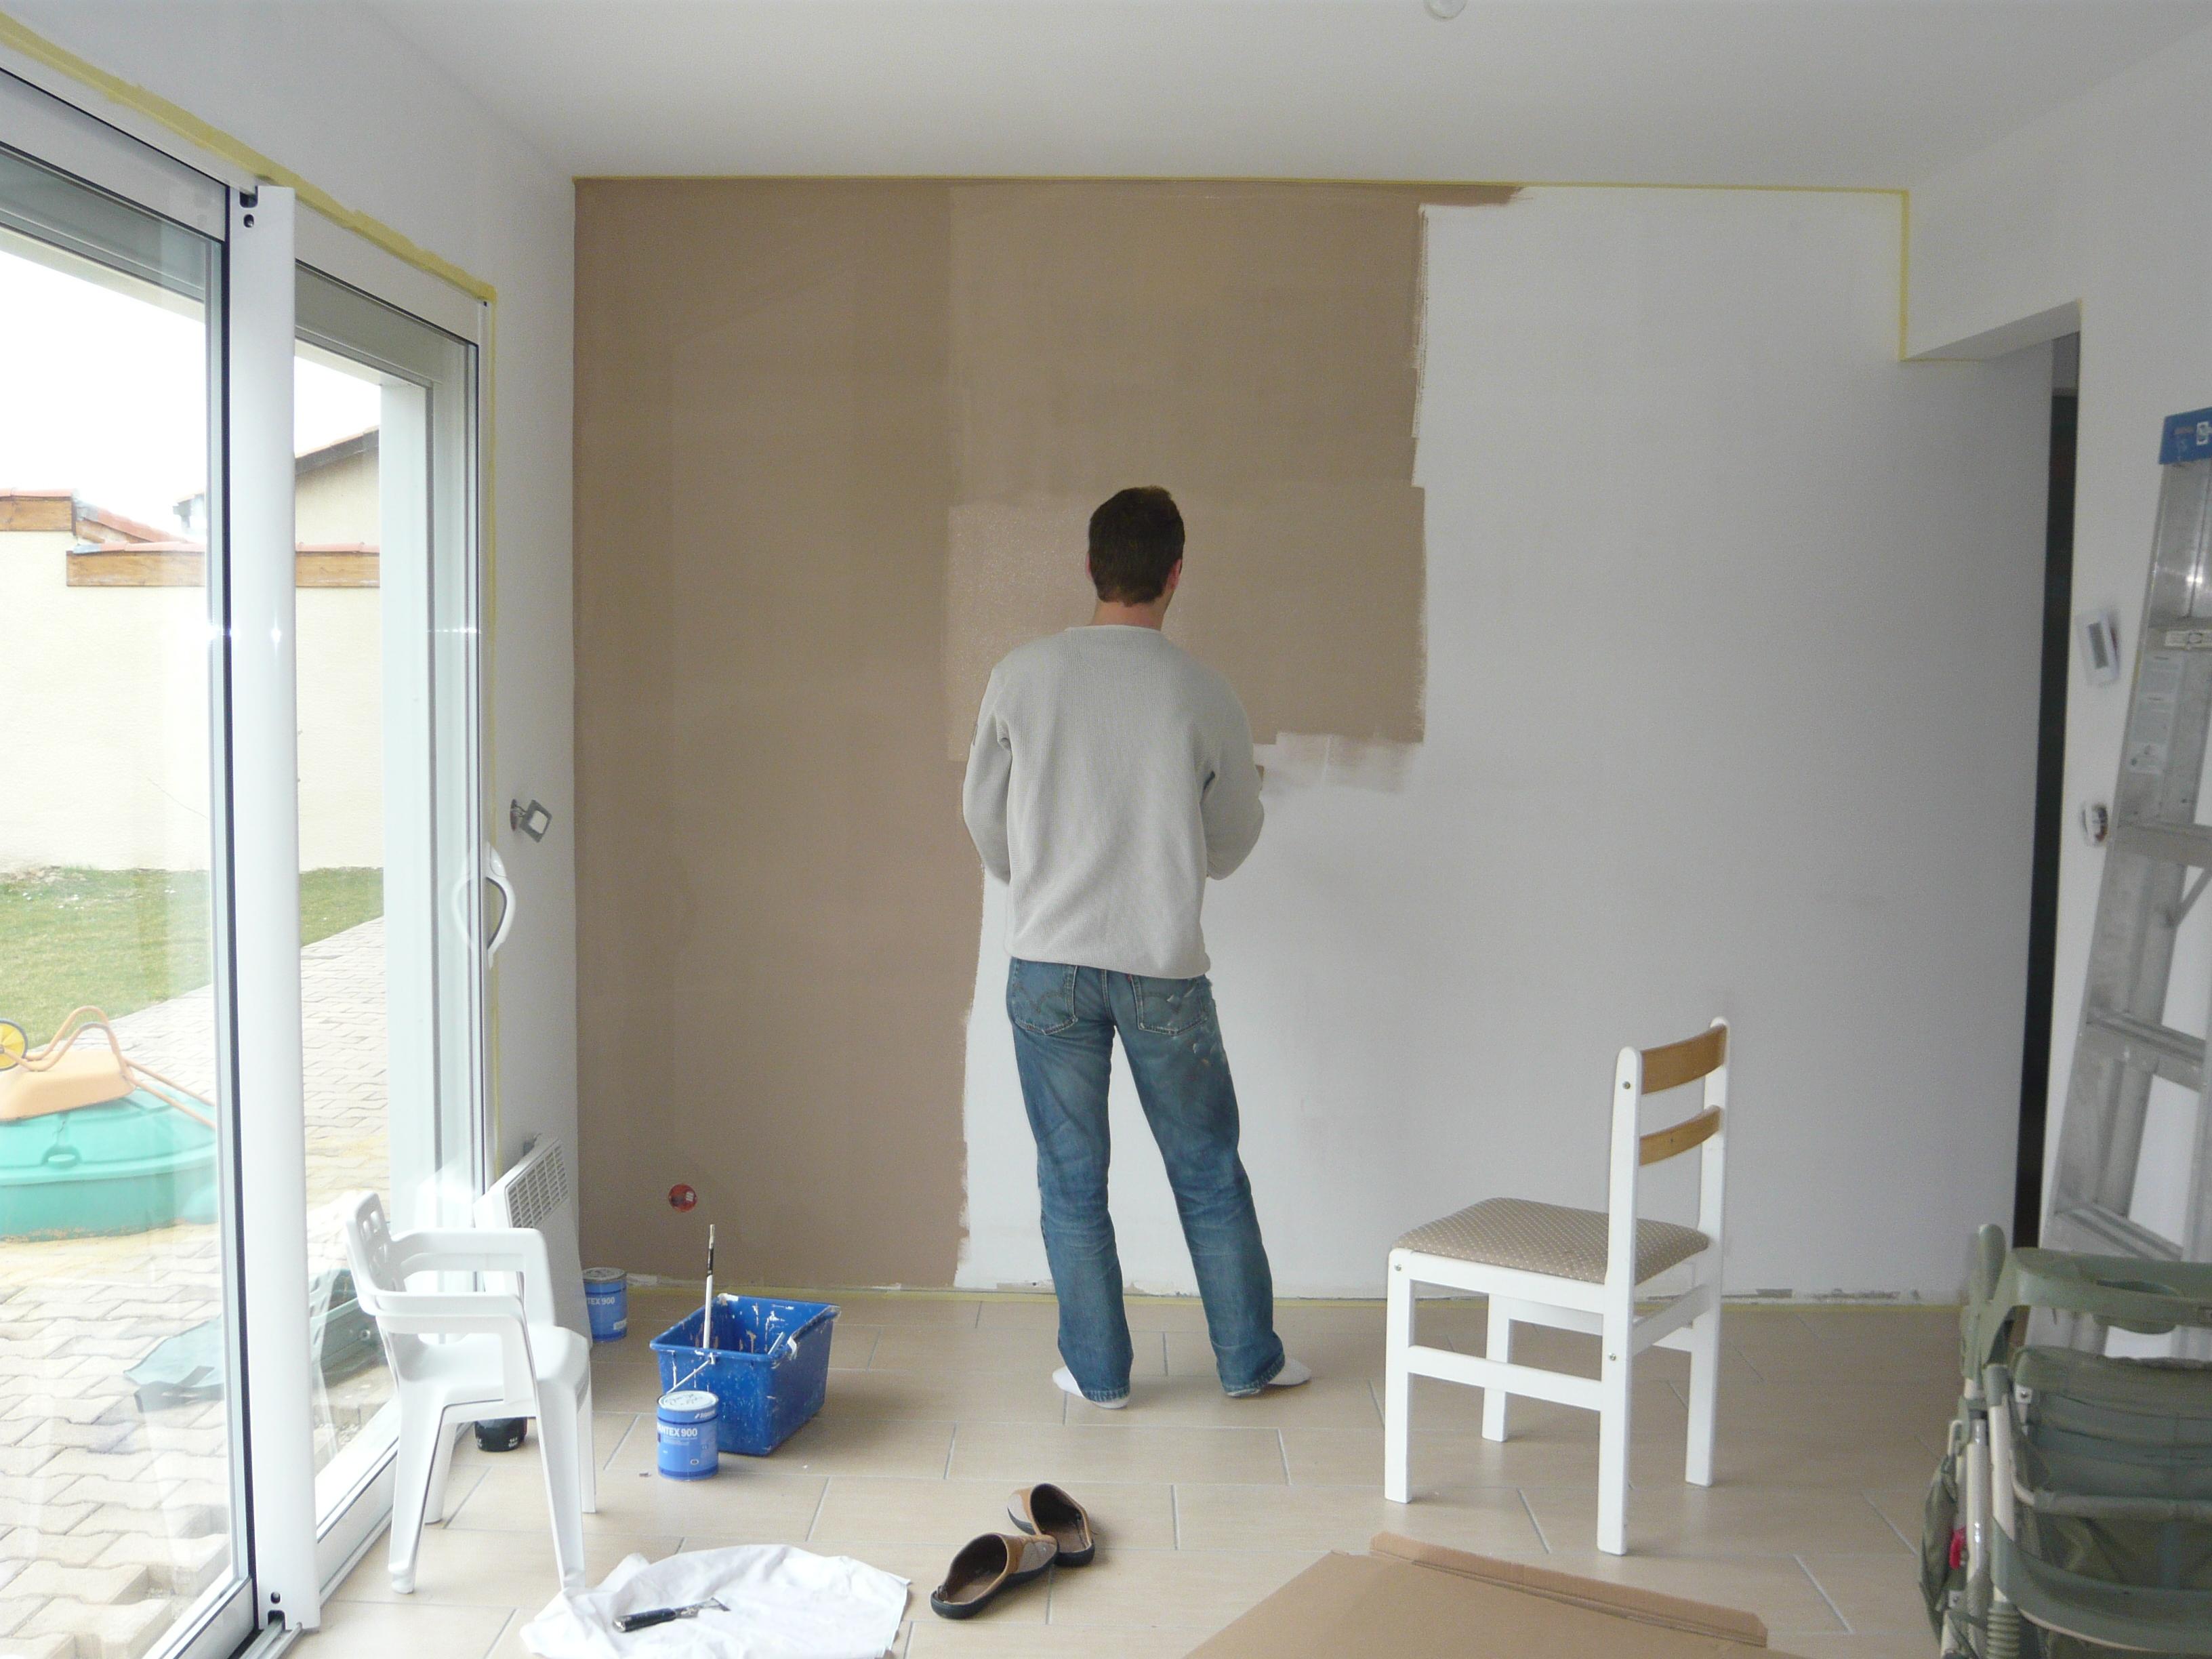 Réussir Sa Vente Grâce à De Nouvelles Peintures Blog